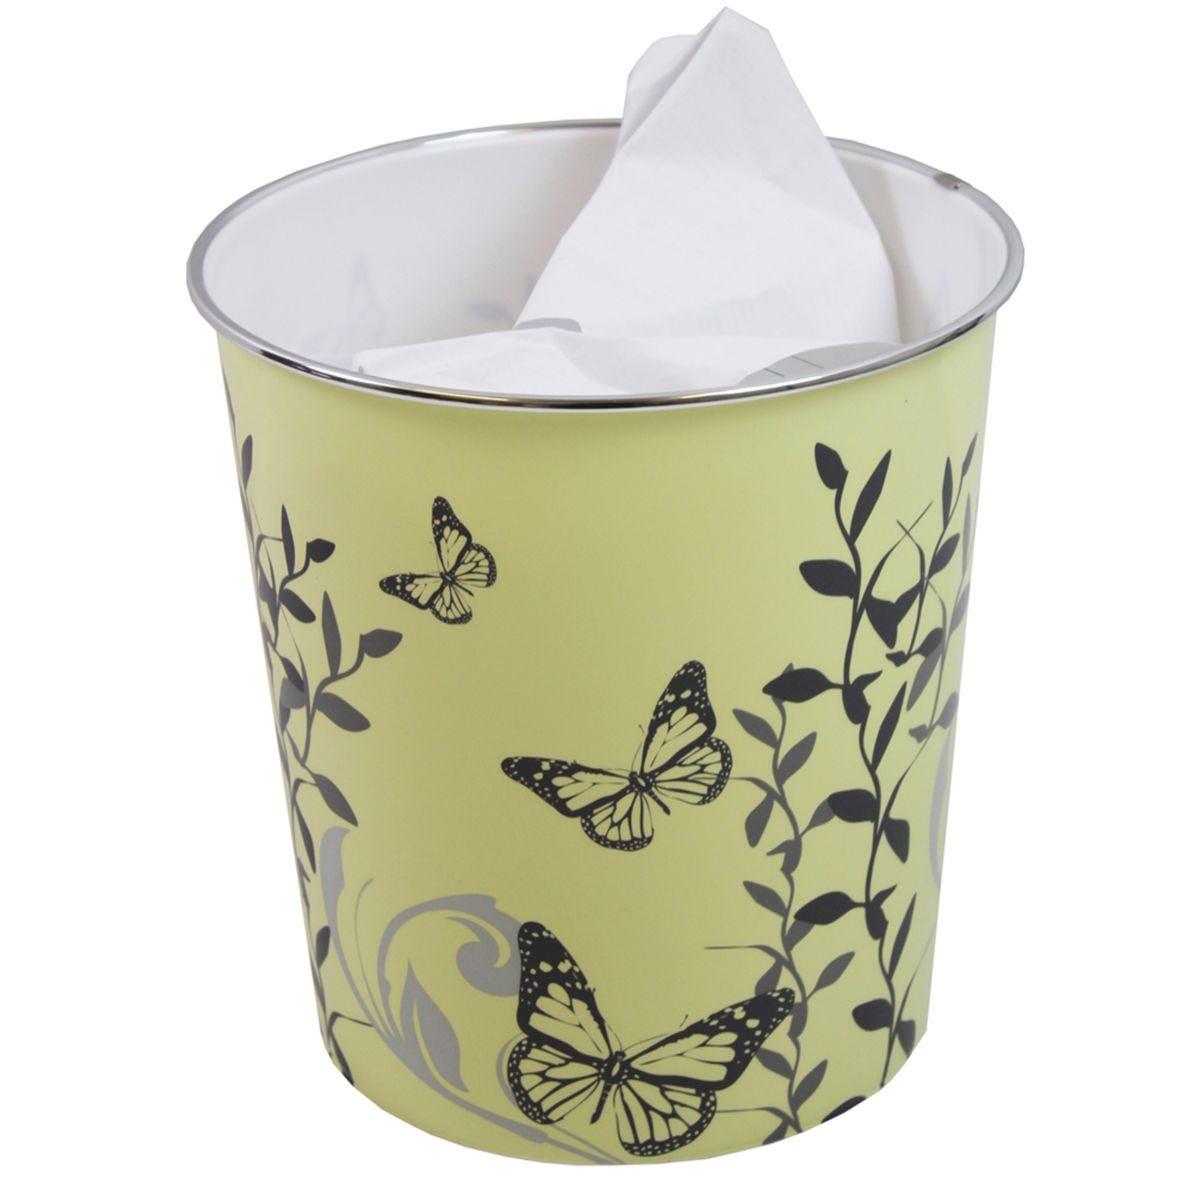 JVL Novelty Plastic Butterfly Waste Paper Bin Cream 25 x 26.5 cm